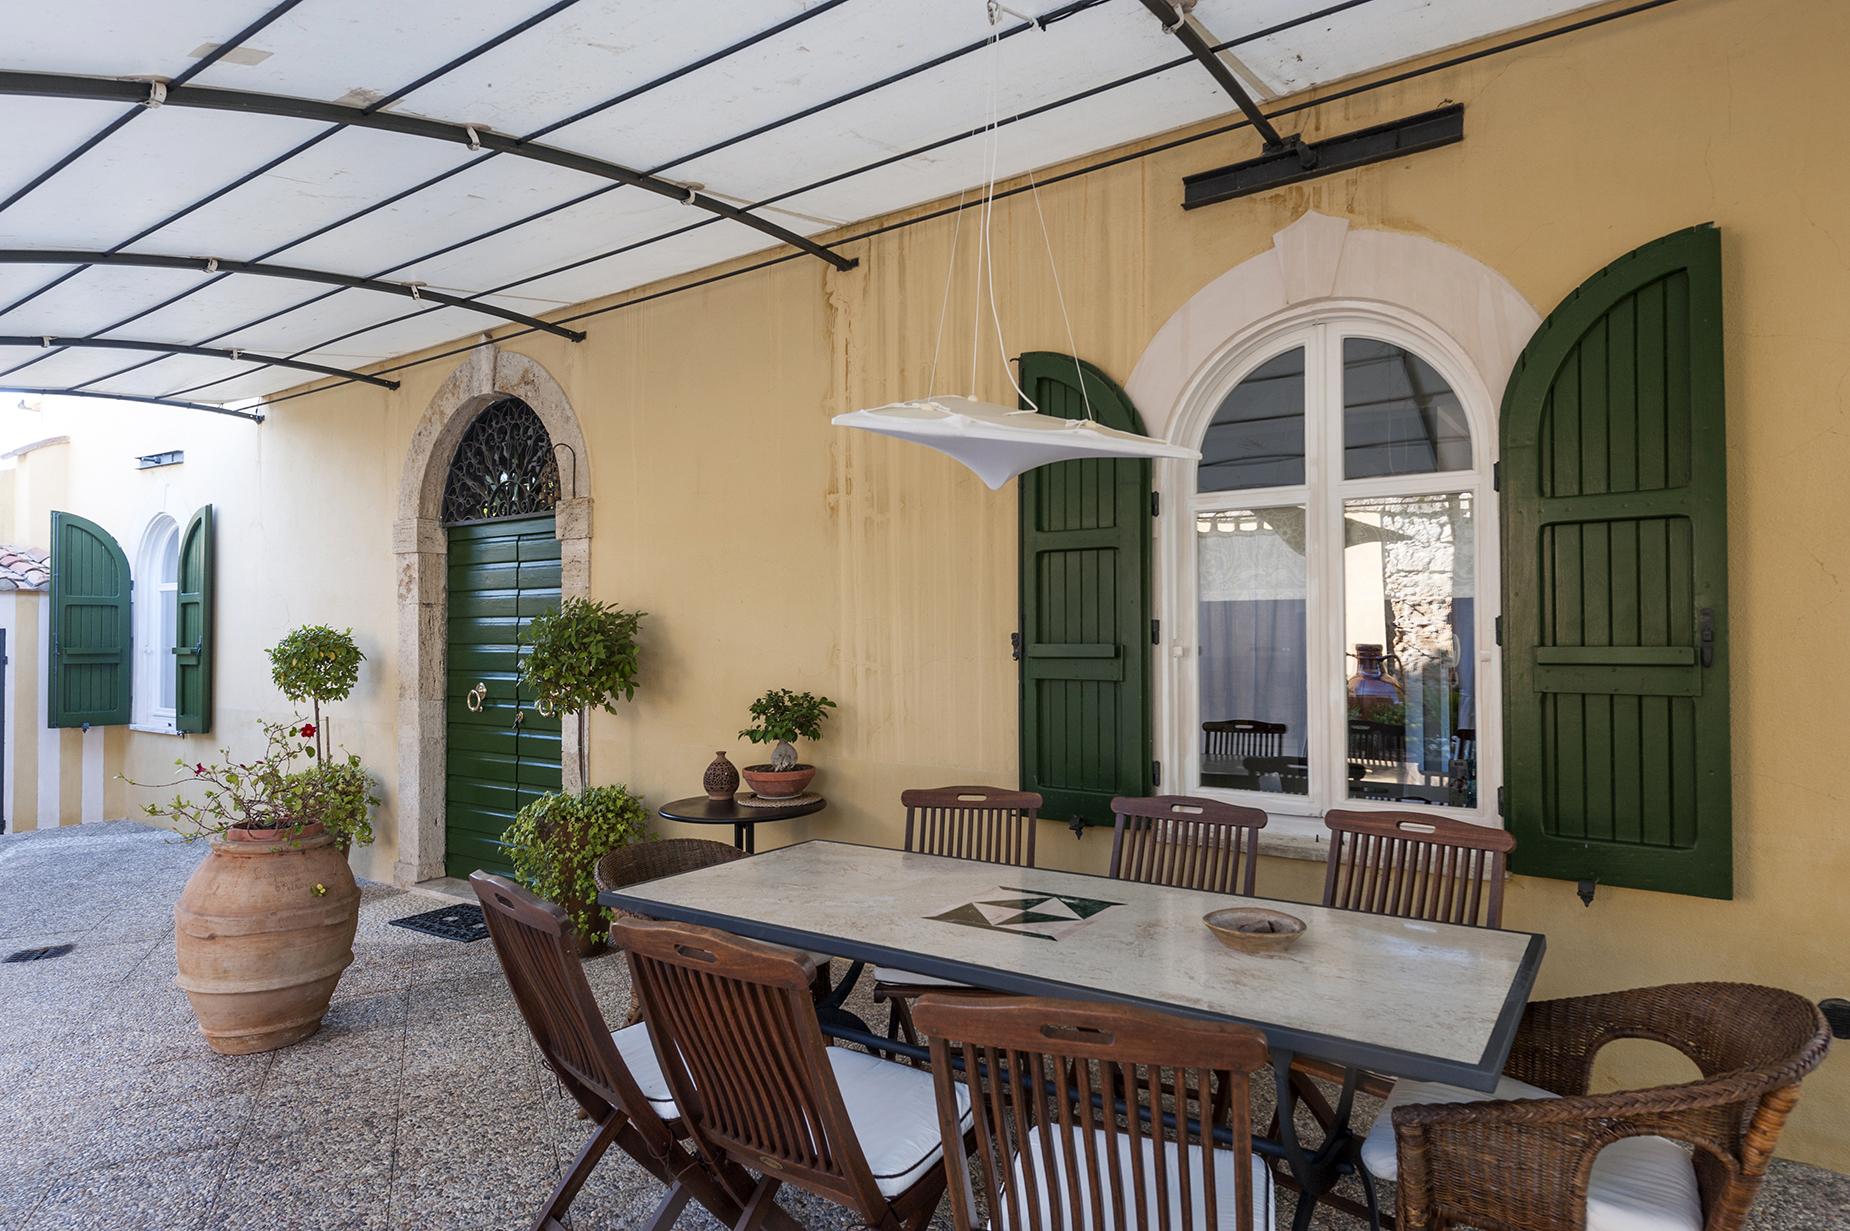 Casa indipendente in Vendita a Sorano: 5 locali, 230 mq - Foto 17